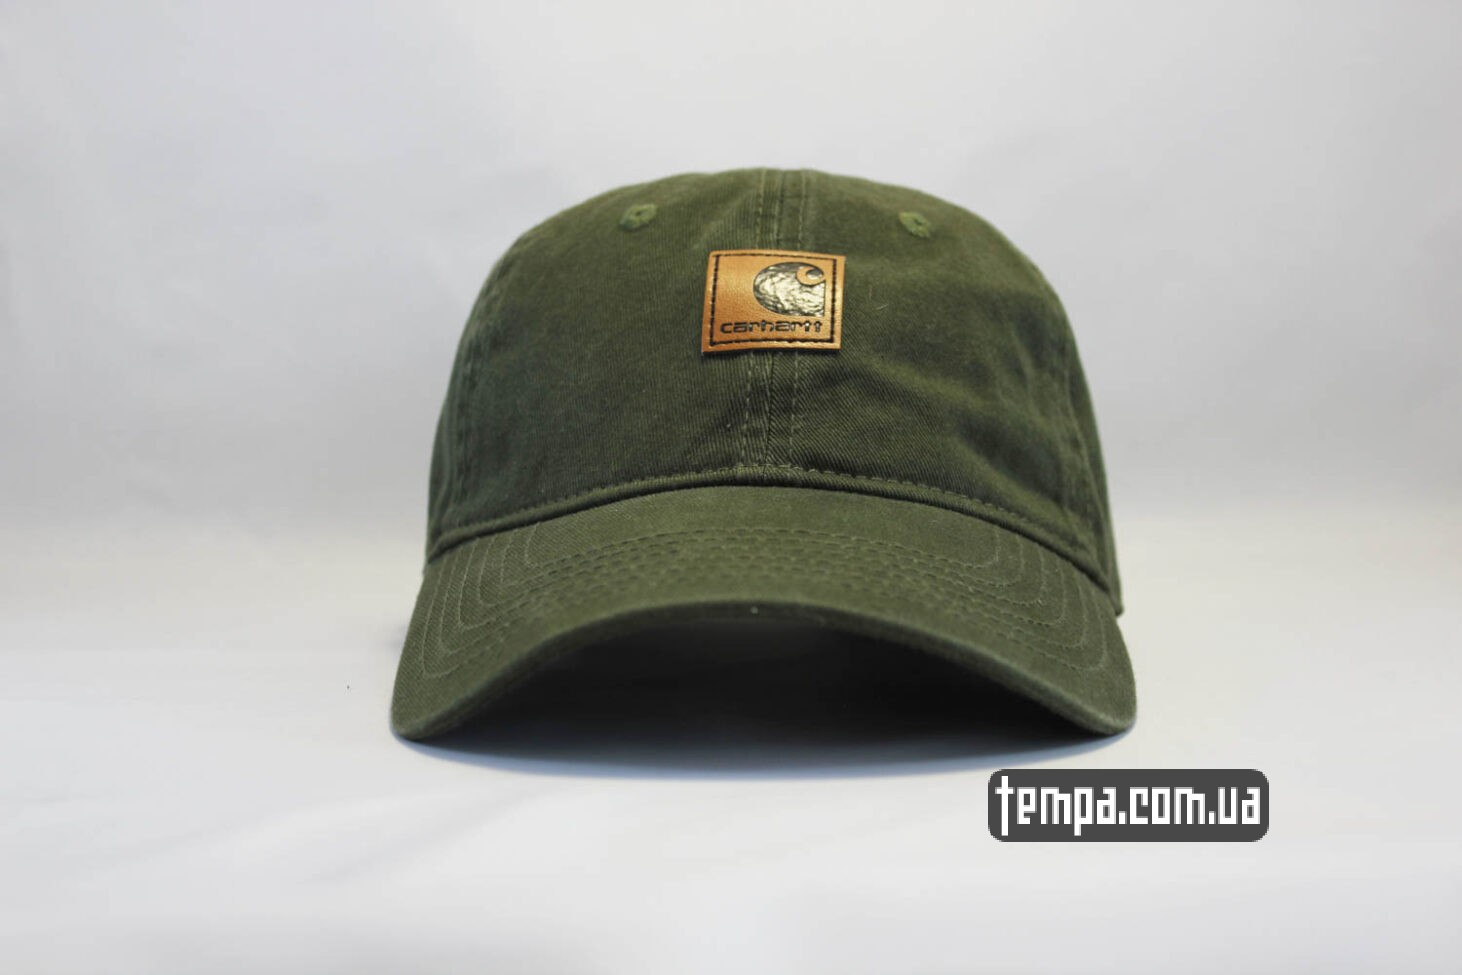 кепка бейсболка Carhartt green зеоеная кожаный козырек